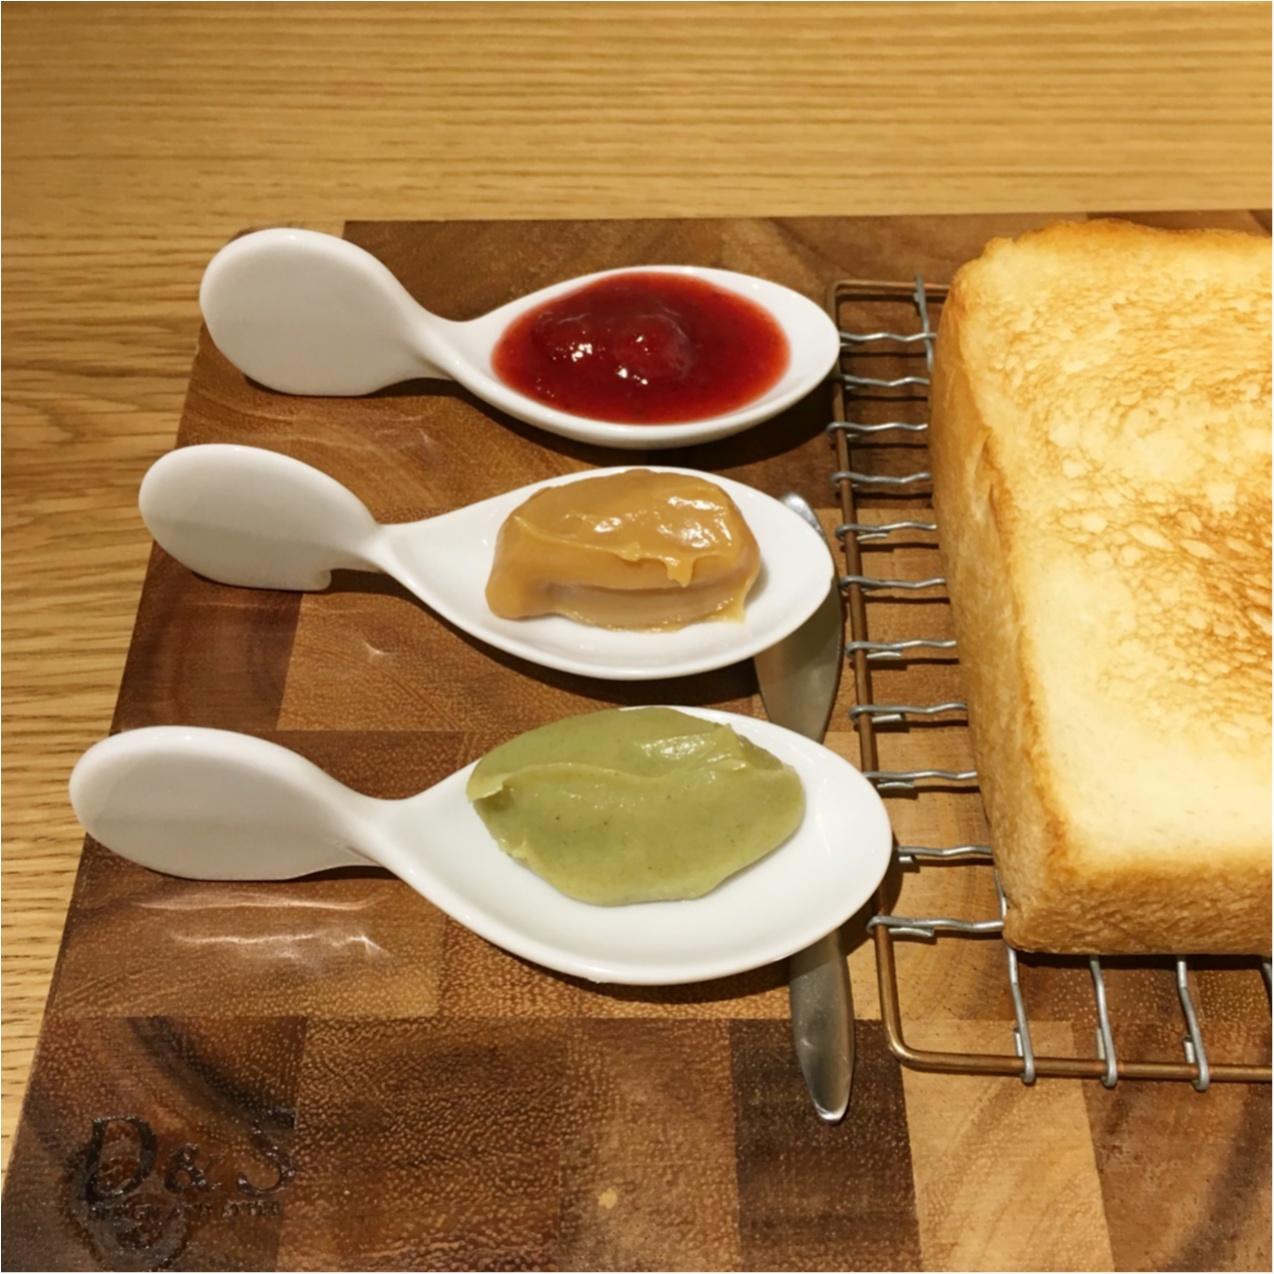 「まるで宝石のよう」16種類のジャムが絶品♡高級食パンとジャムが楽しめるカフェ《& jam(アンドジャム)》に行ってきました♡♡_5